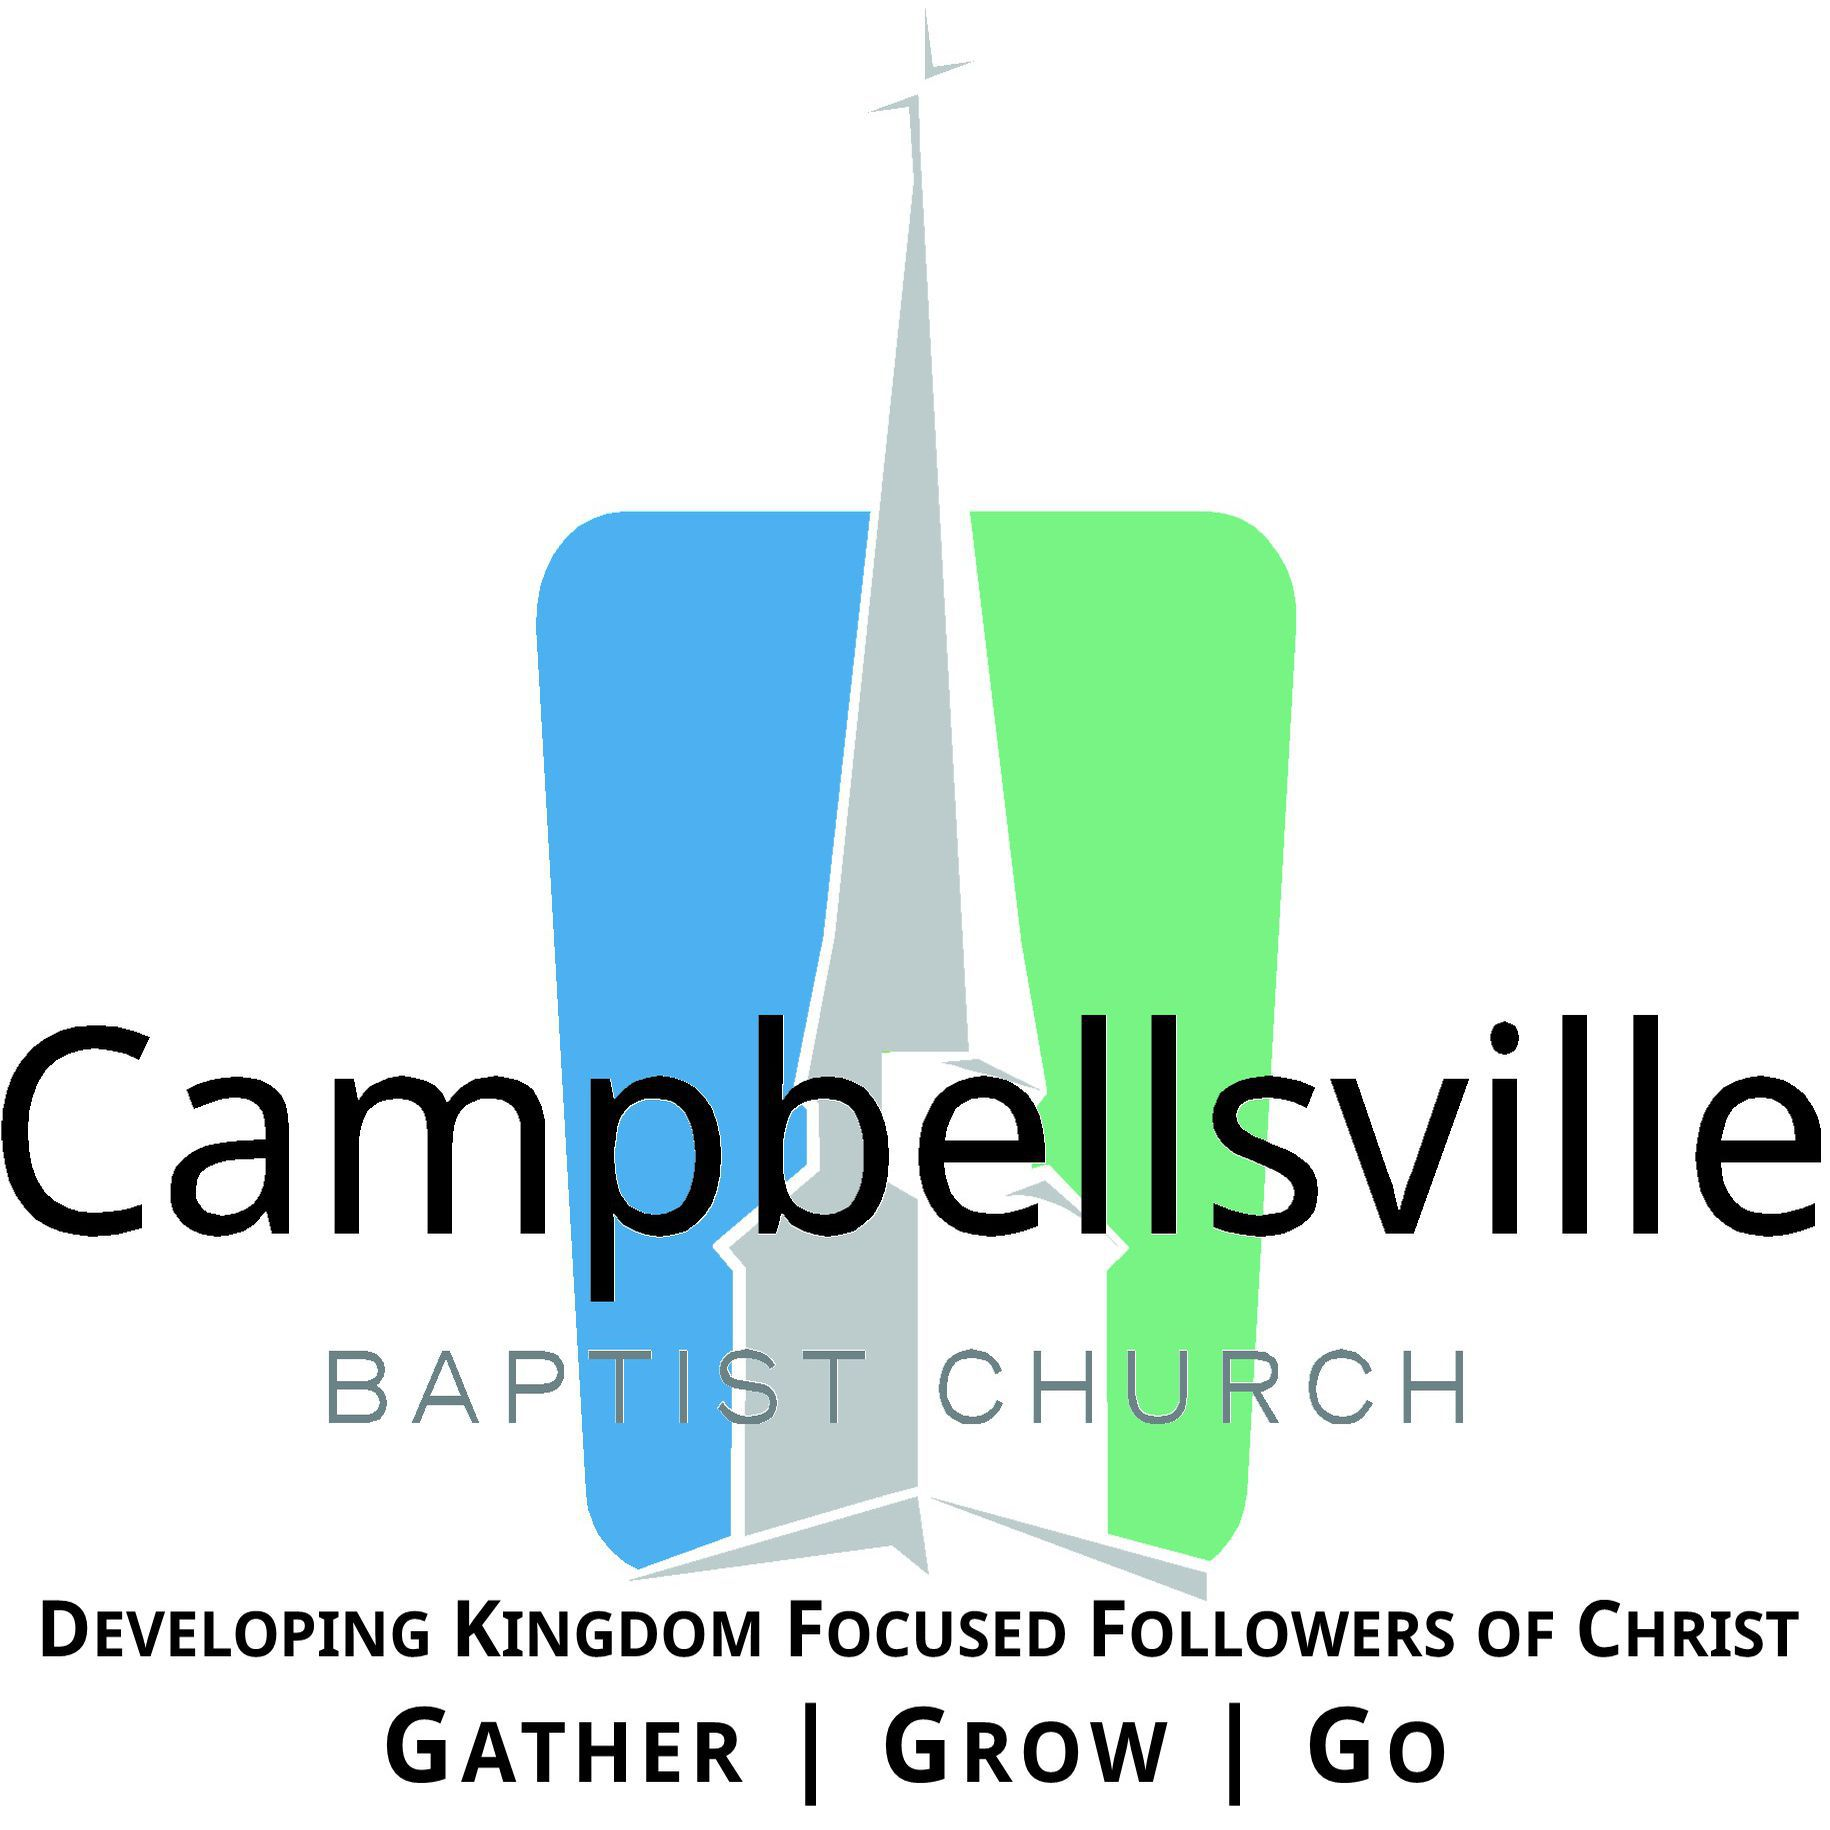 Campbellsville Baptist Church